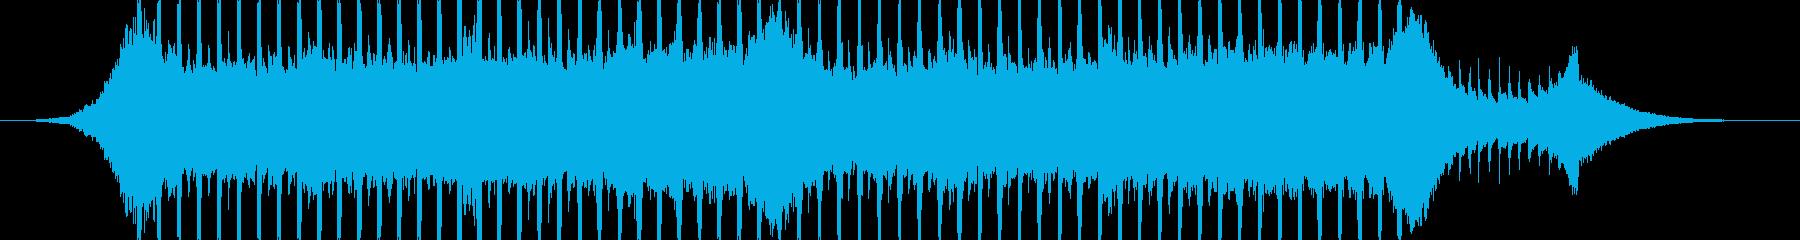 企業VP系23、爽やかギター4つ打ち2cの再生済みの波形